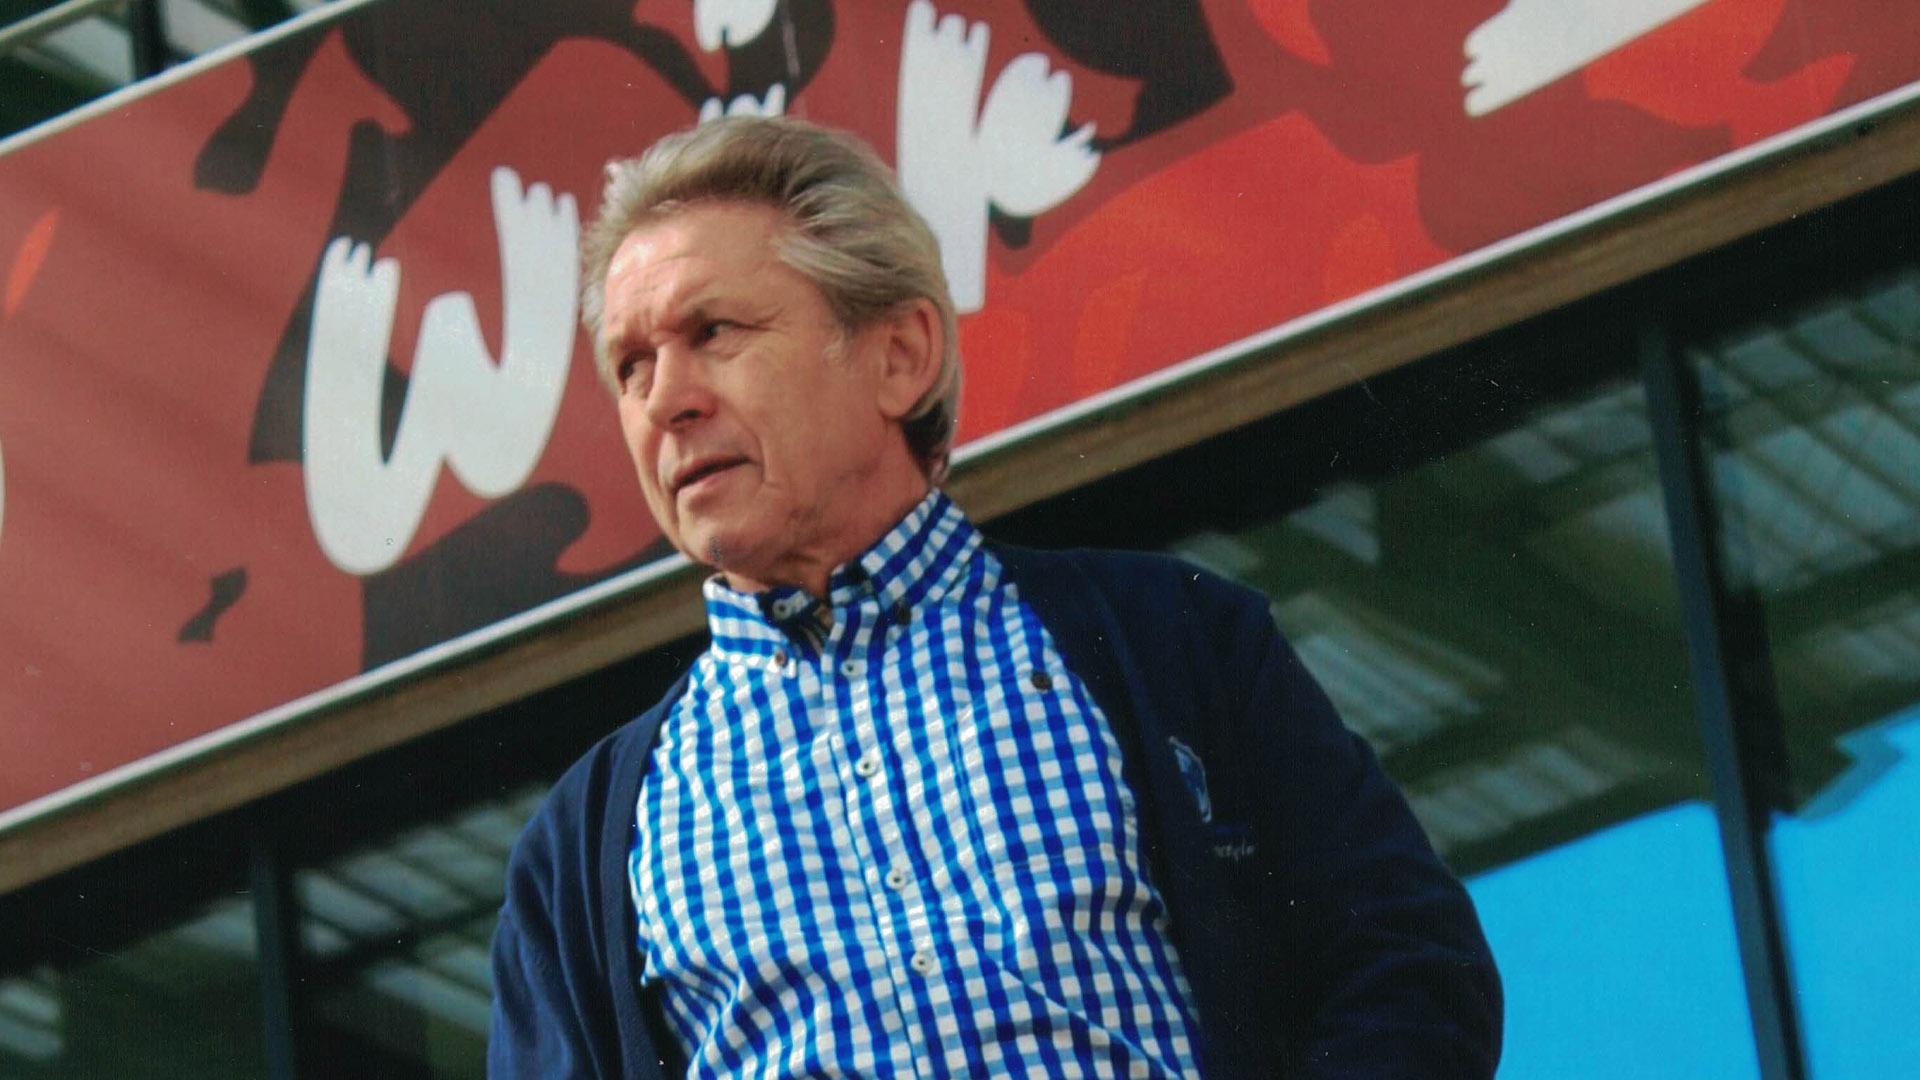 Dieter Bast – Gratulation zum 70. Geburtstag! – Rot-Weiss Essen